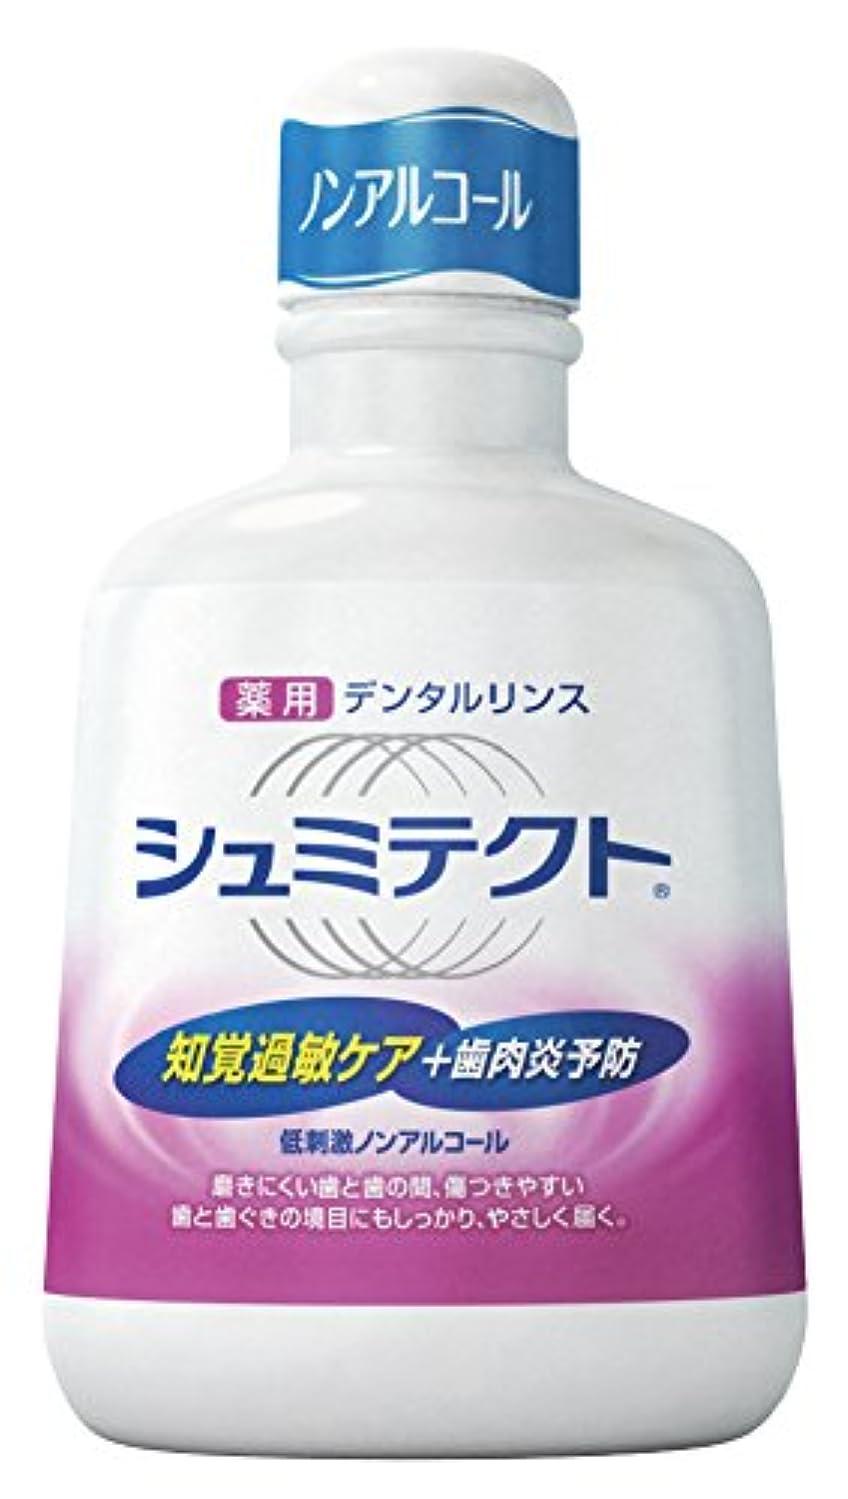 売上高困惑した農業の[医薬部外品]シュミテクト 薬用デンタルリンス 知覚過敏症状予防 ノンアルコール 500mL